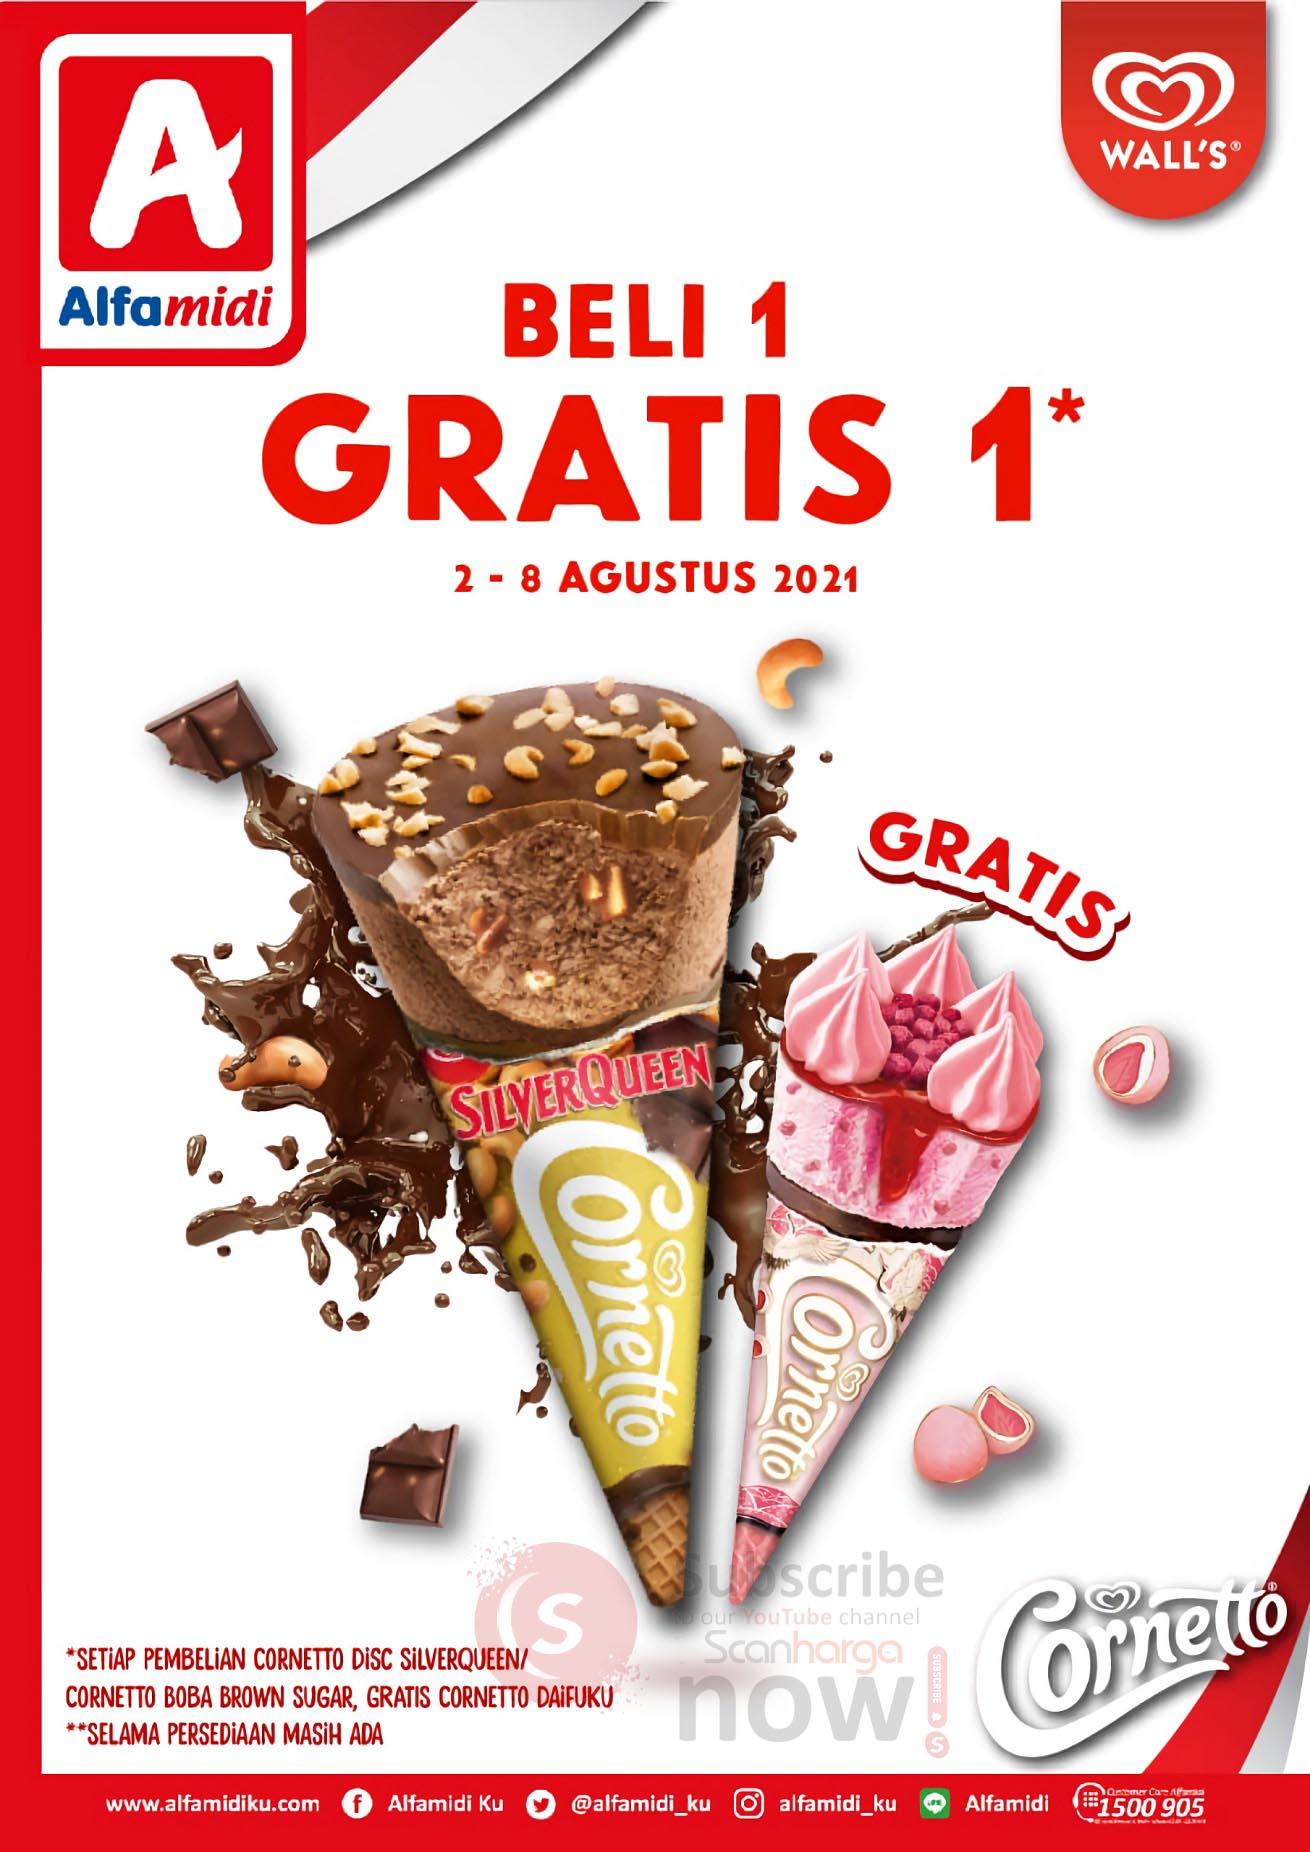 ALFAMIDI Promo MERDEKA WALL'S - Beli 1 Gratis 1 2